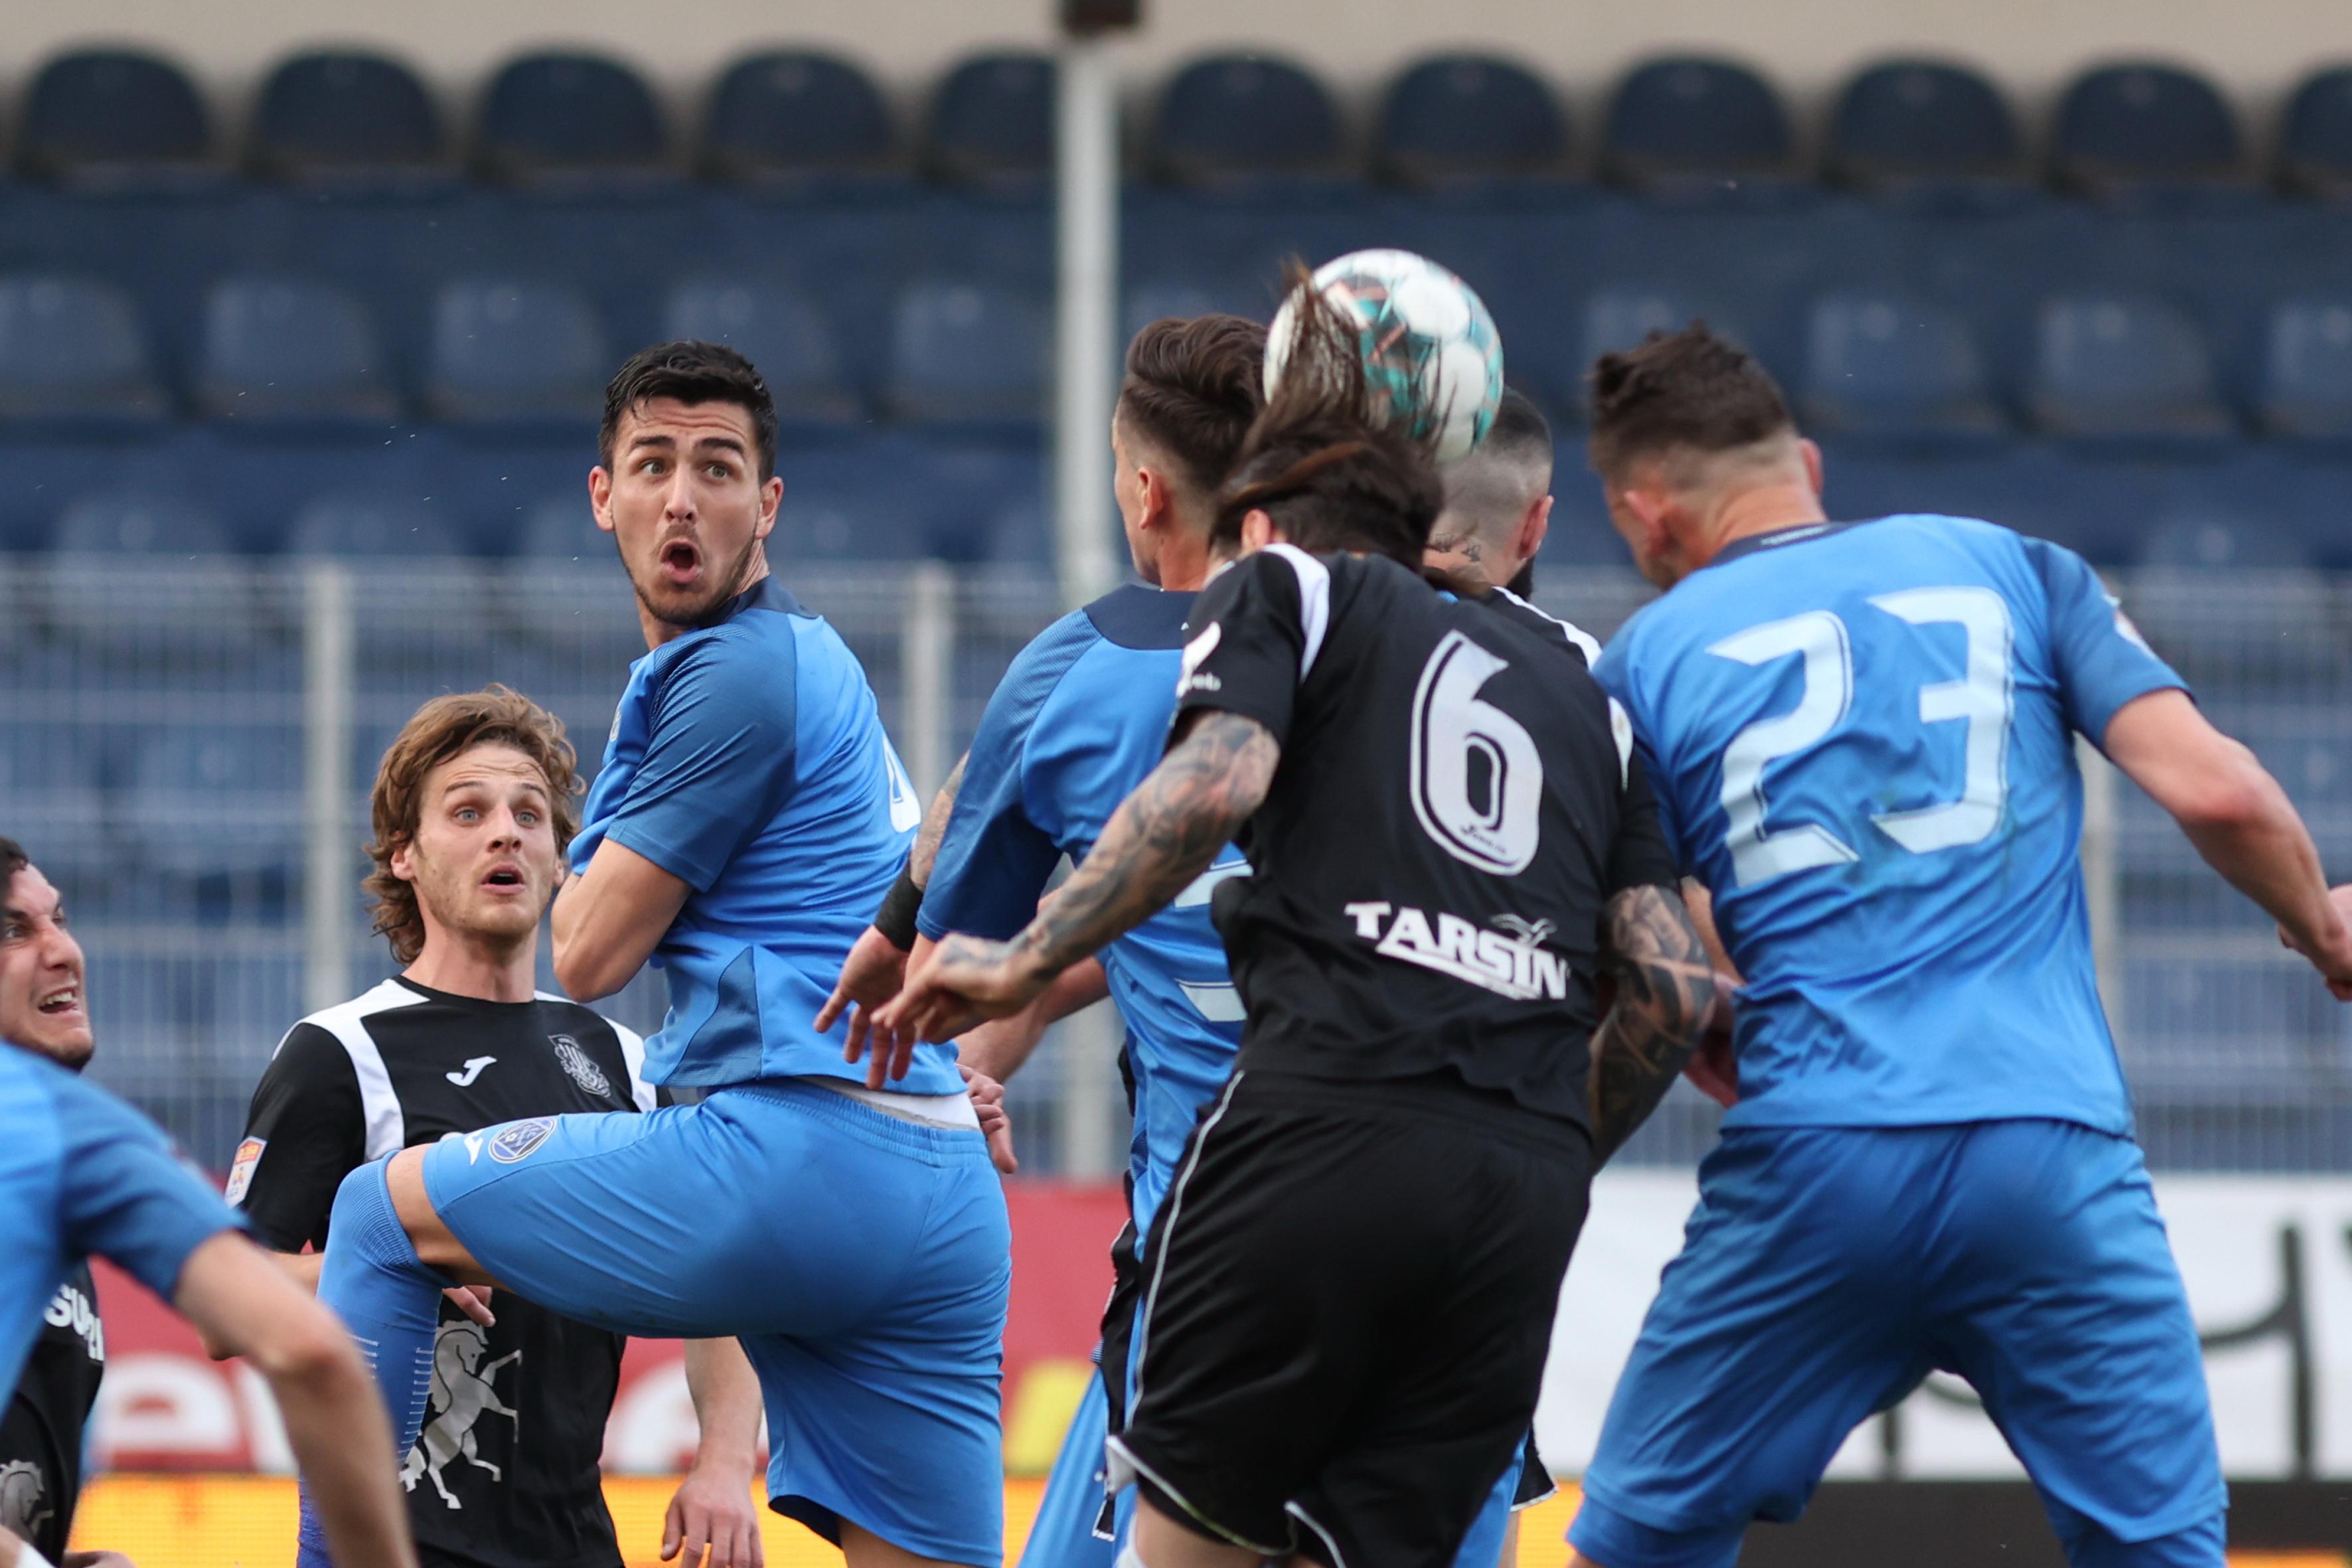 Imagine din Academica Clinceni - Poli Iași 2-1. Sursă foto: sportpictures.eu